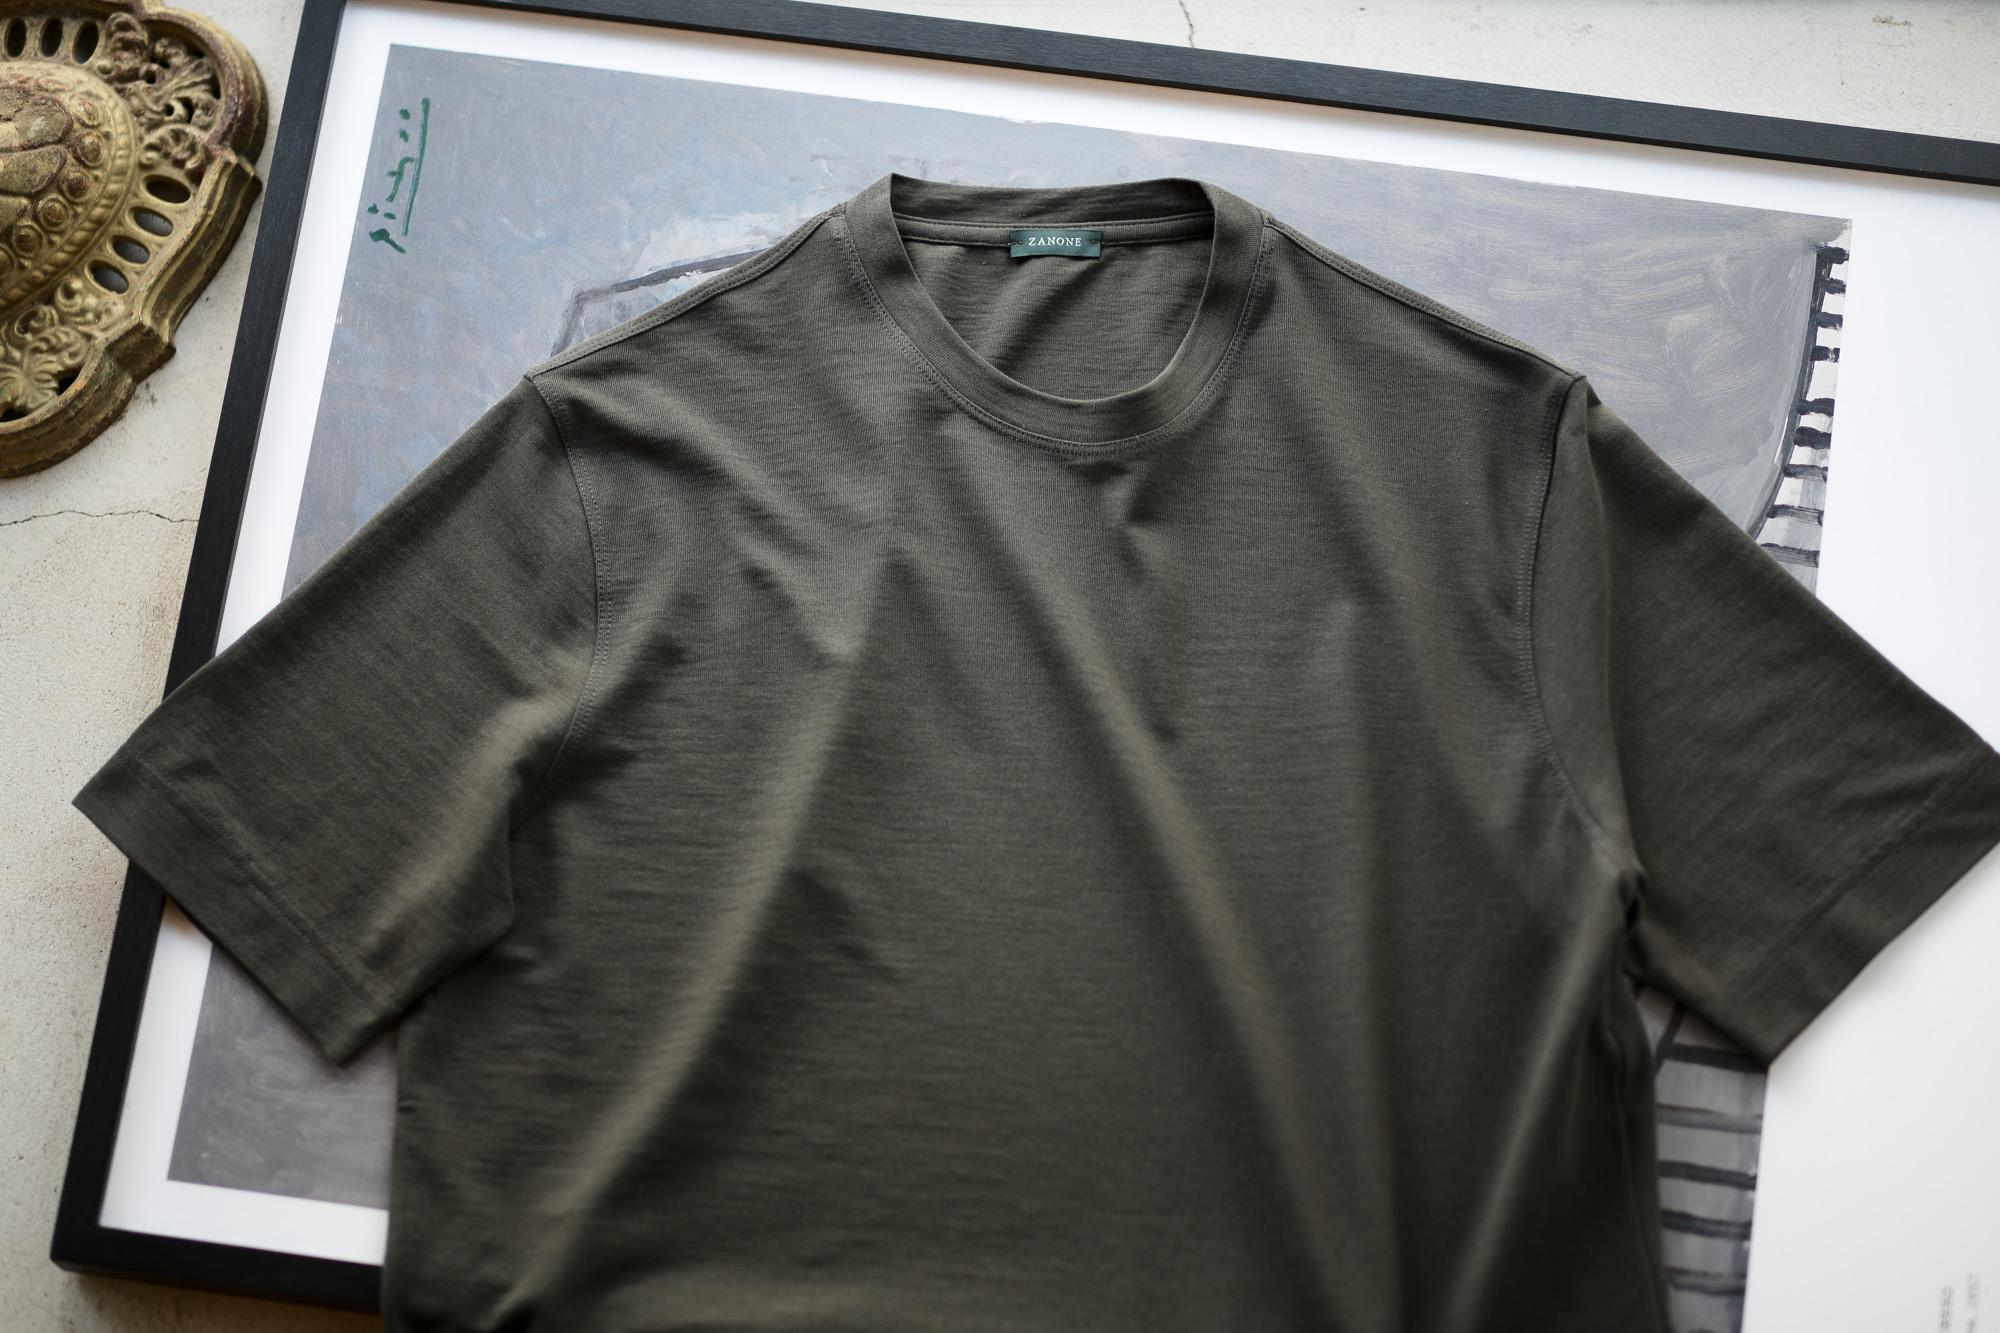 ZANONE(ザノーネ) Crew Neck T-shirt (クルーネックTシャツ) ice cotton アイスコットン Tシャツ OLIVE (オリーブ・Z0049) MADE IN ITALY(イタリア製) 2020 春夏新作 愛知 名古屋 altoediritto アルトエデリット tee 夏Tシャツ